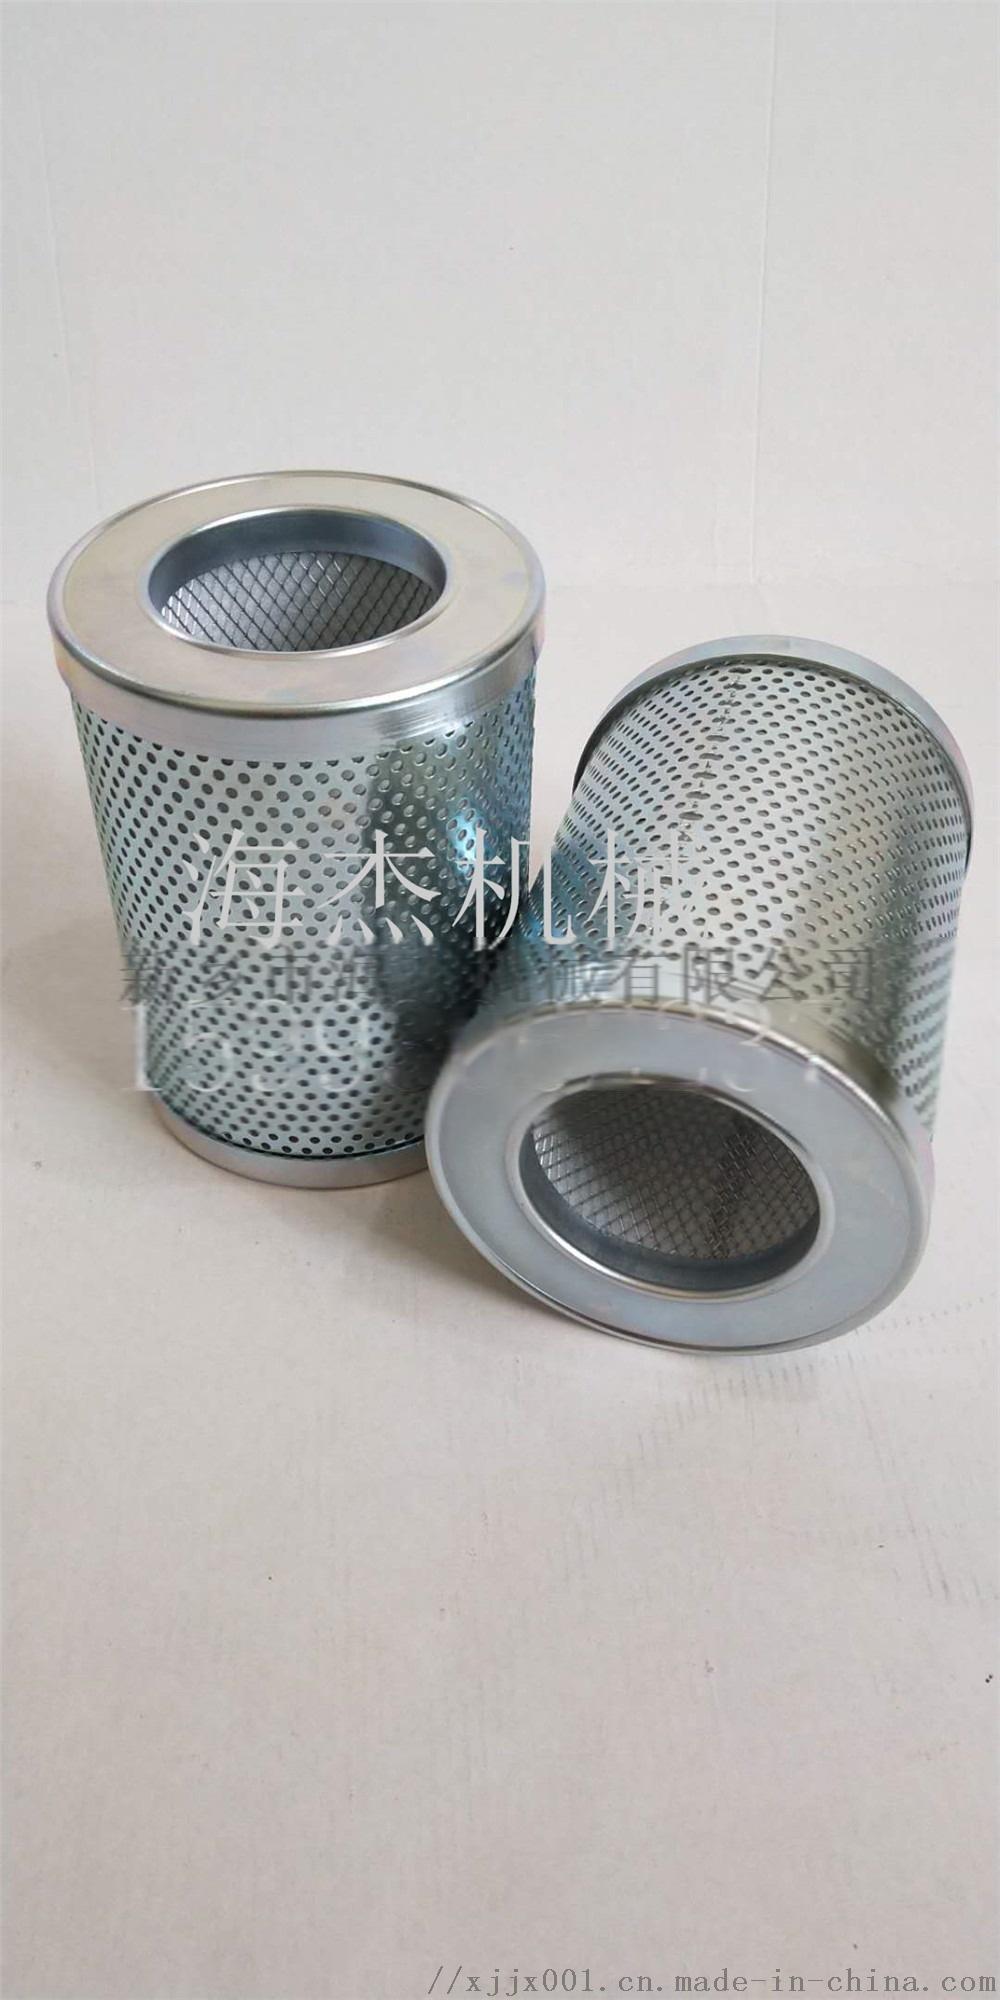 電廠濾芯  油泵出口濾芯DP602EA03V/-W62713712